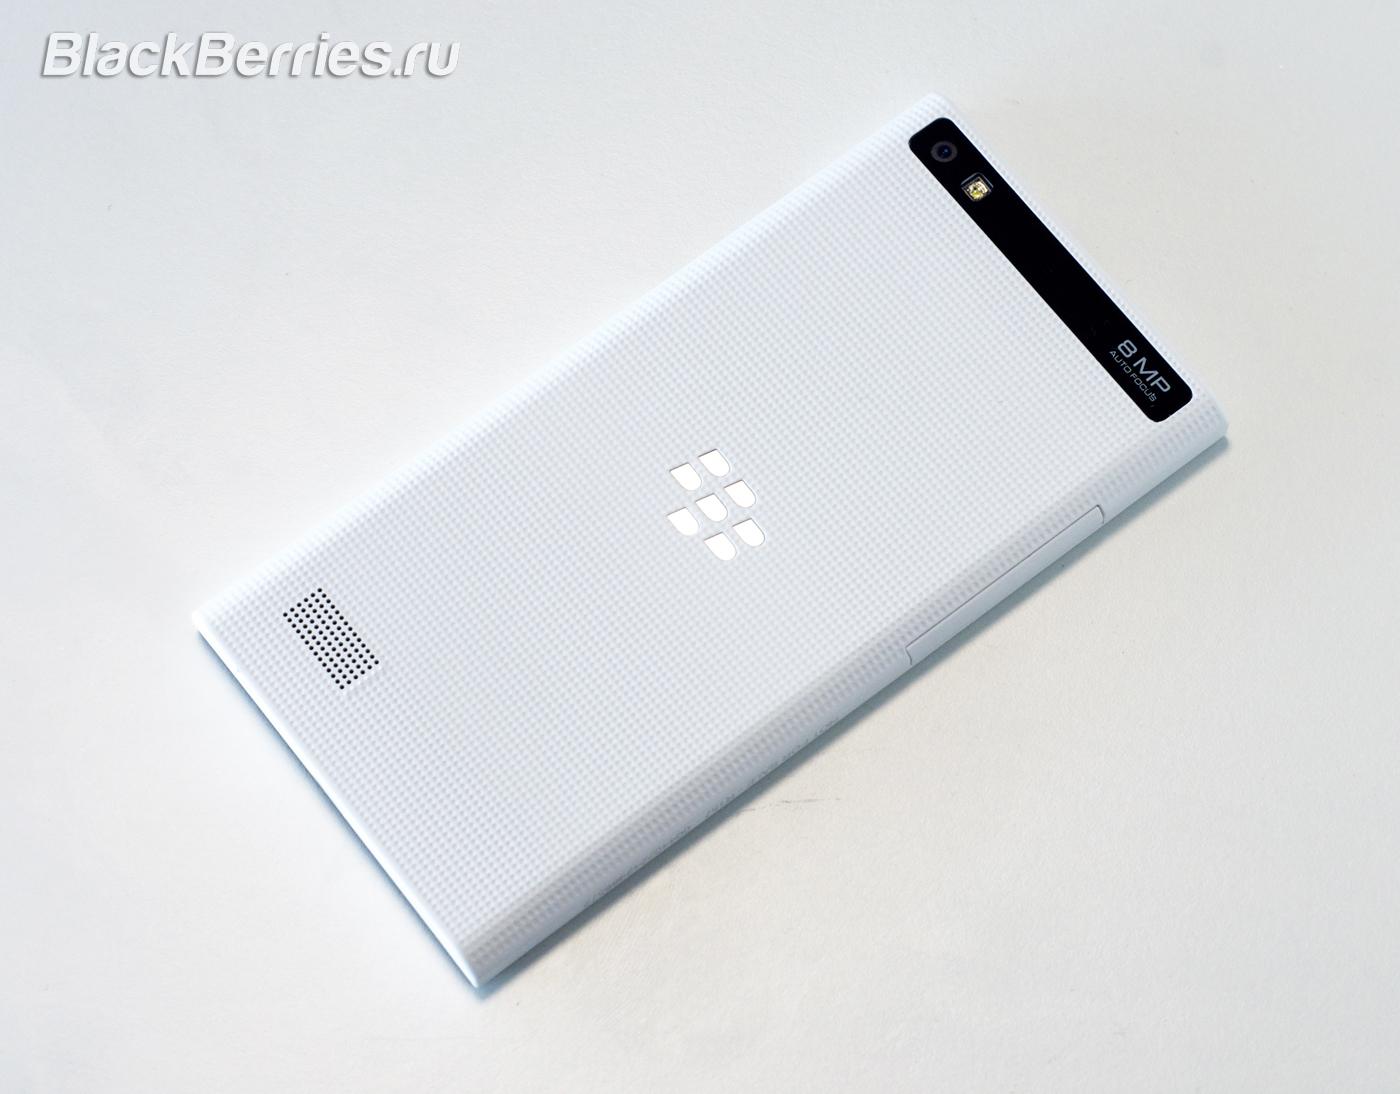 BlackBerry-Leap-16